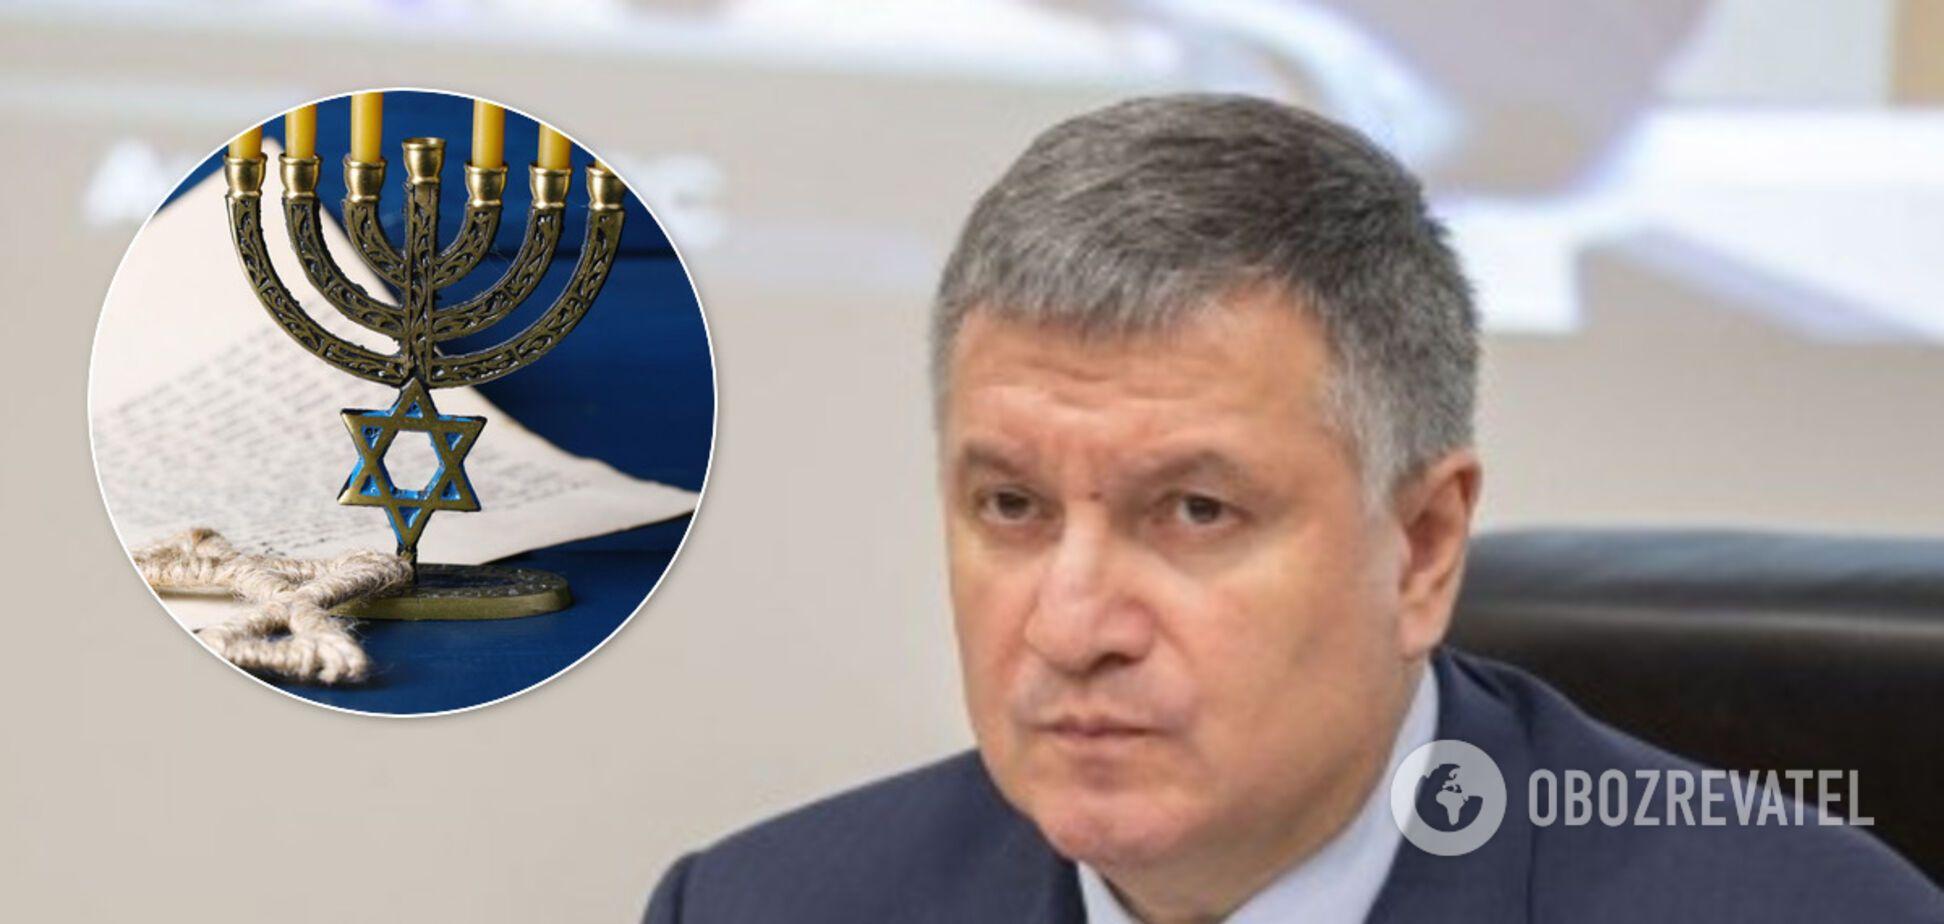 Єврейська громада України виступила на підтримку Авакова